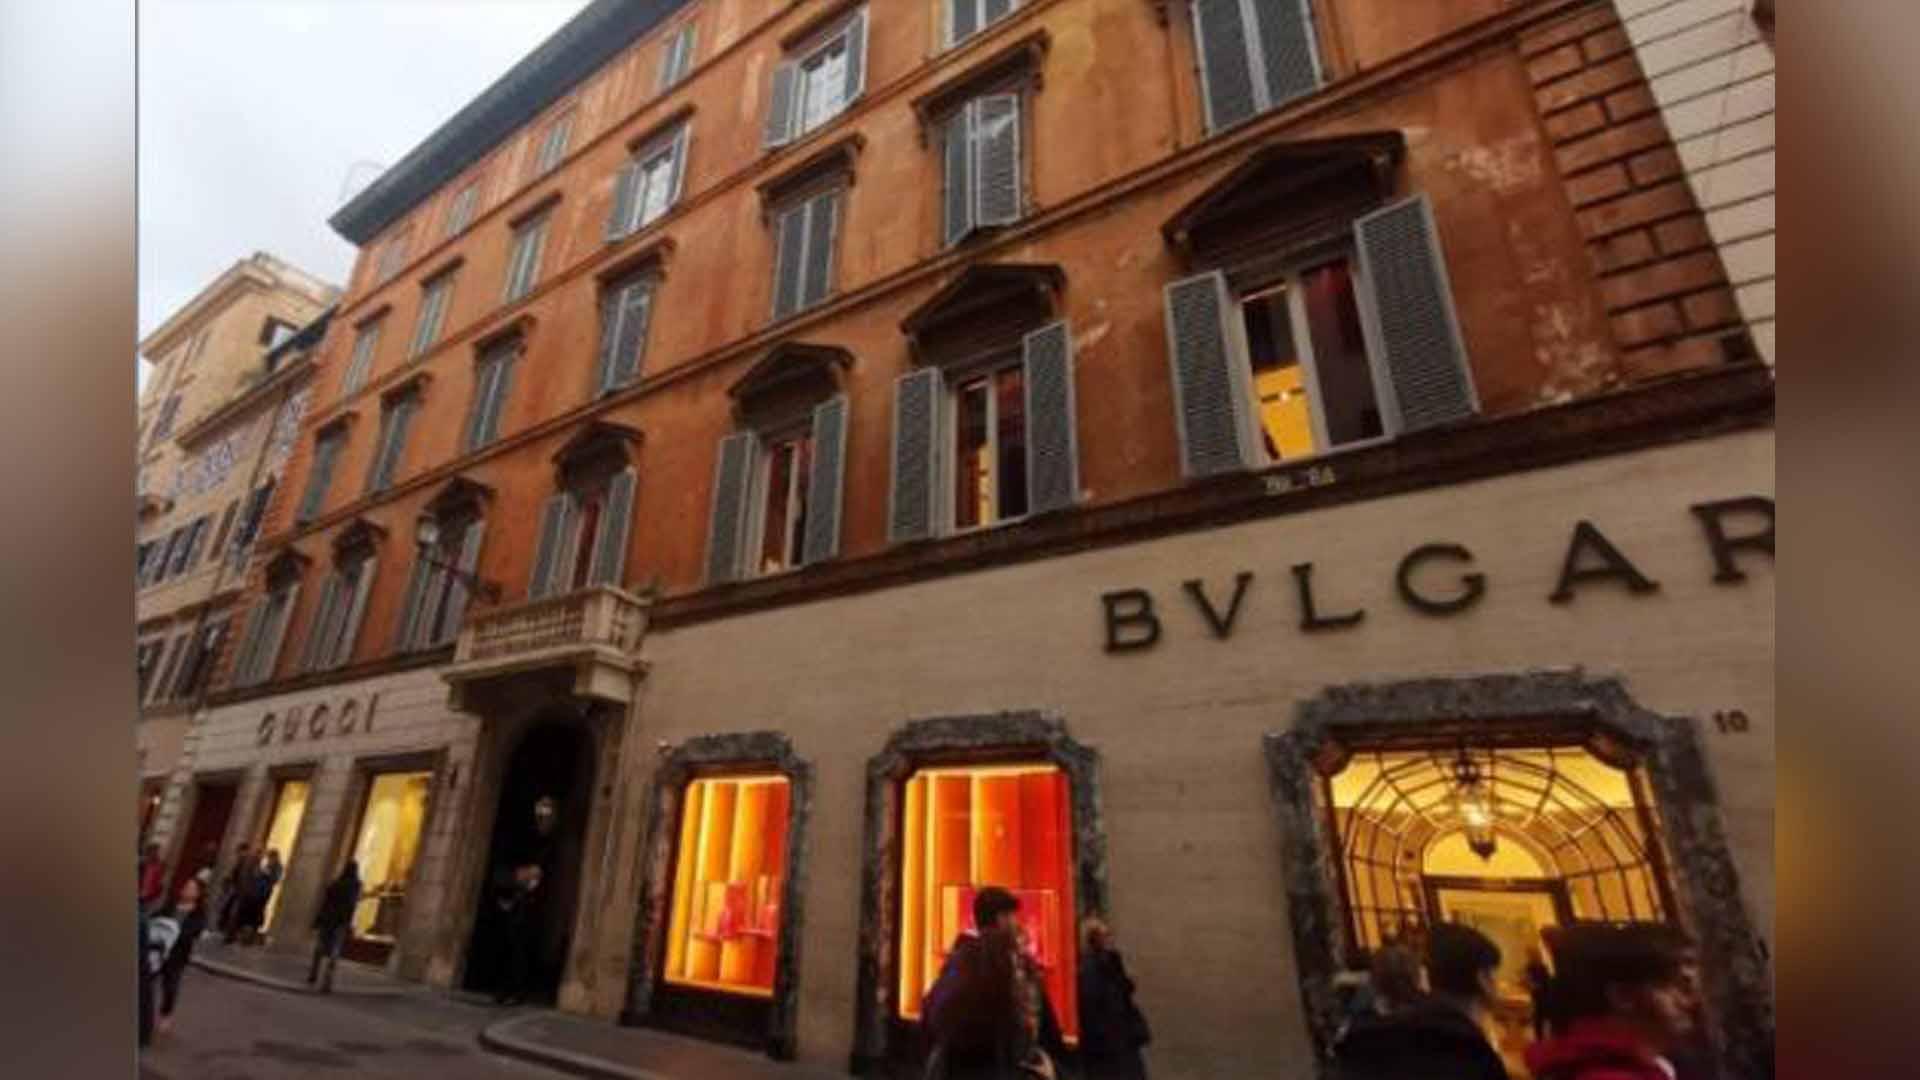 El edificio en Via Condotti donde Camilla Fabri compró un apartamento de 5 millones en el cuarto piso. La casa fue incautada con otros activos por un valor total de unos diez millones de euros, incluidas algunas pinturas valiosas, incluidas las obras del artista pop Edward Spitz.